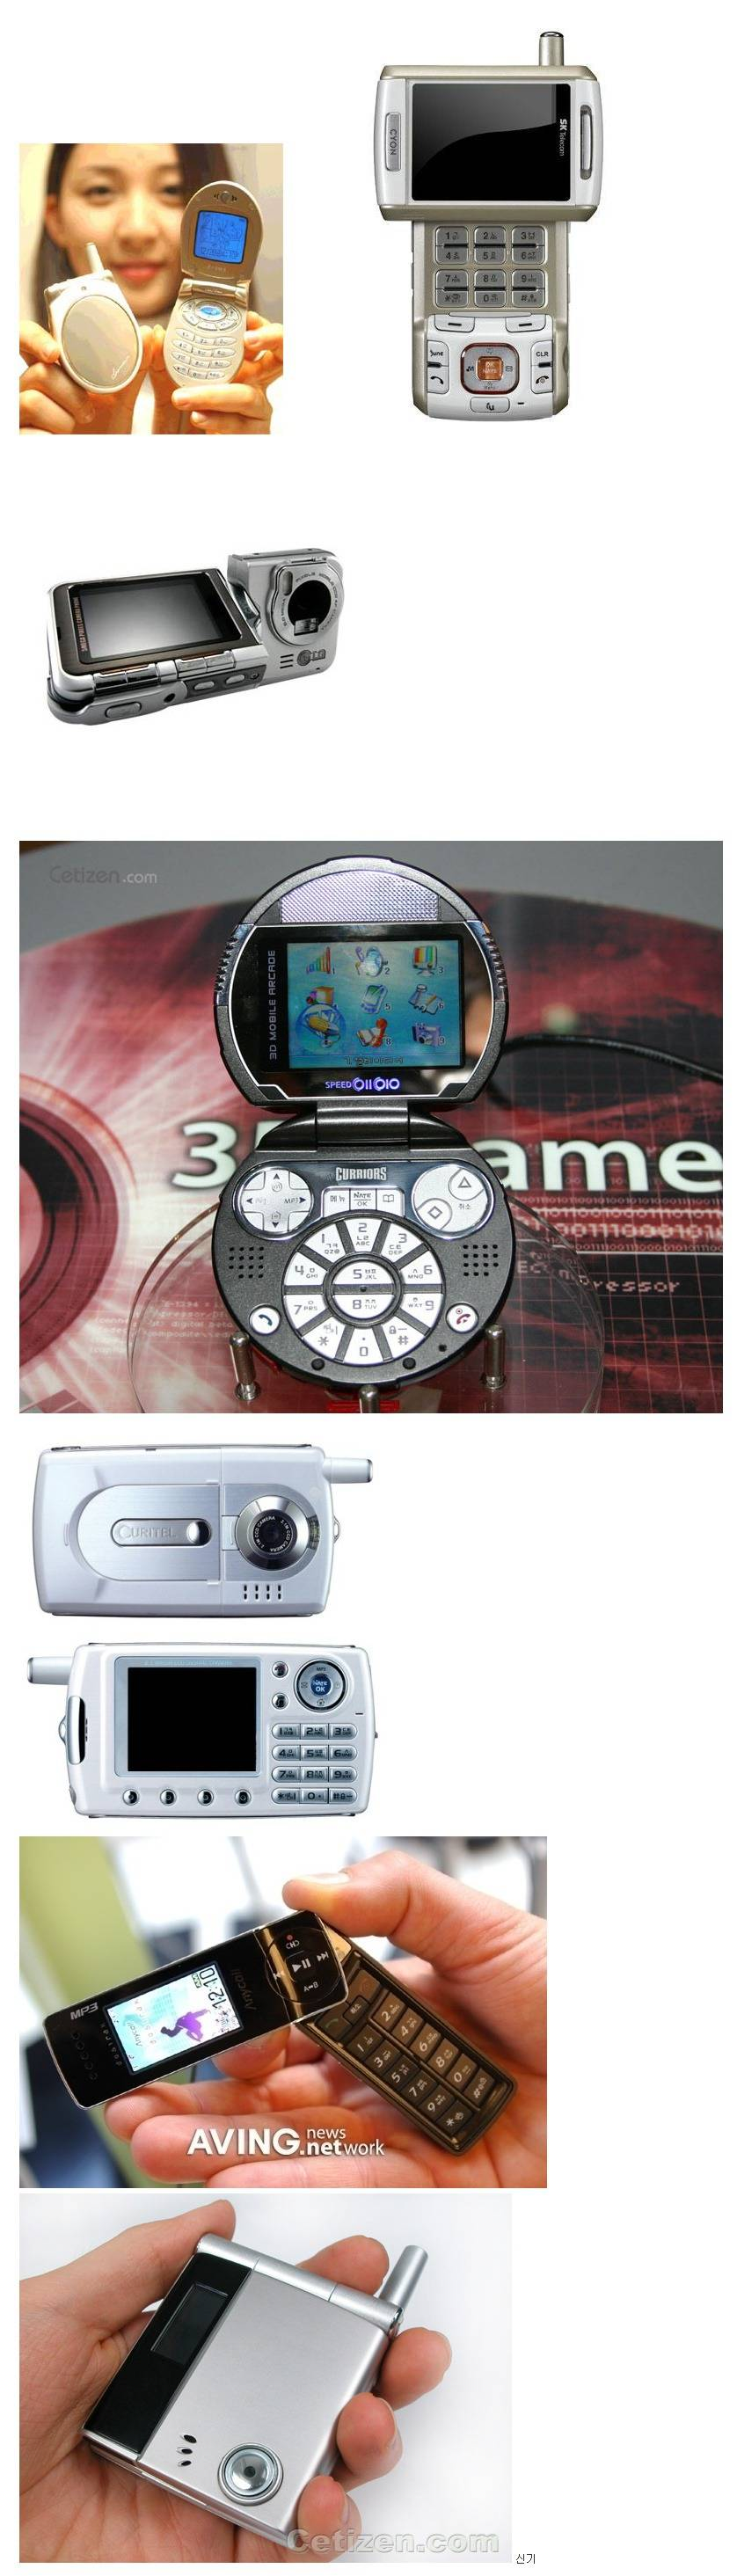 개성넘쳤던 2000년대 핸드폰들 | 인스티즈